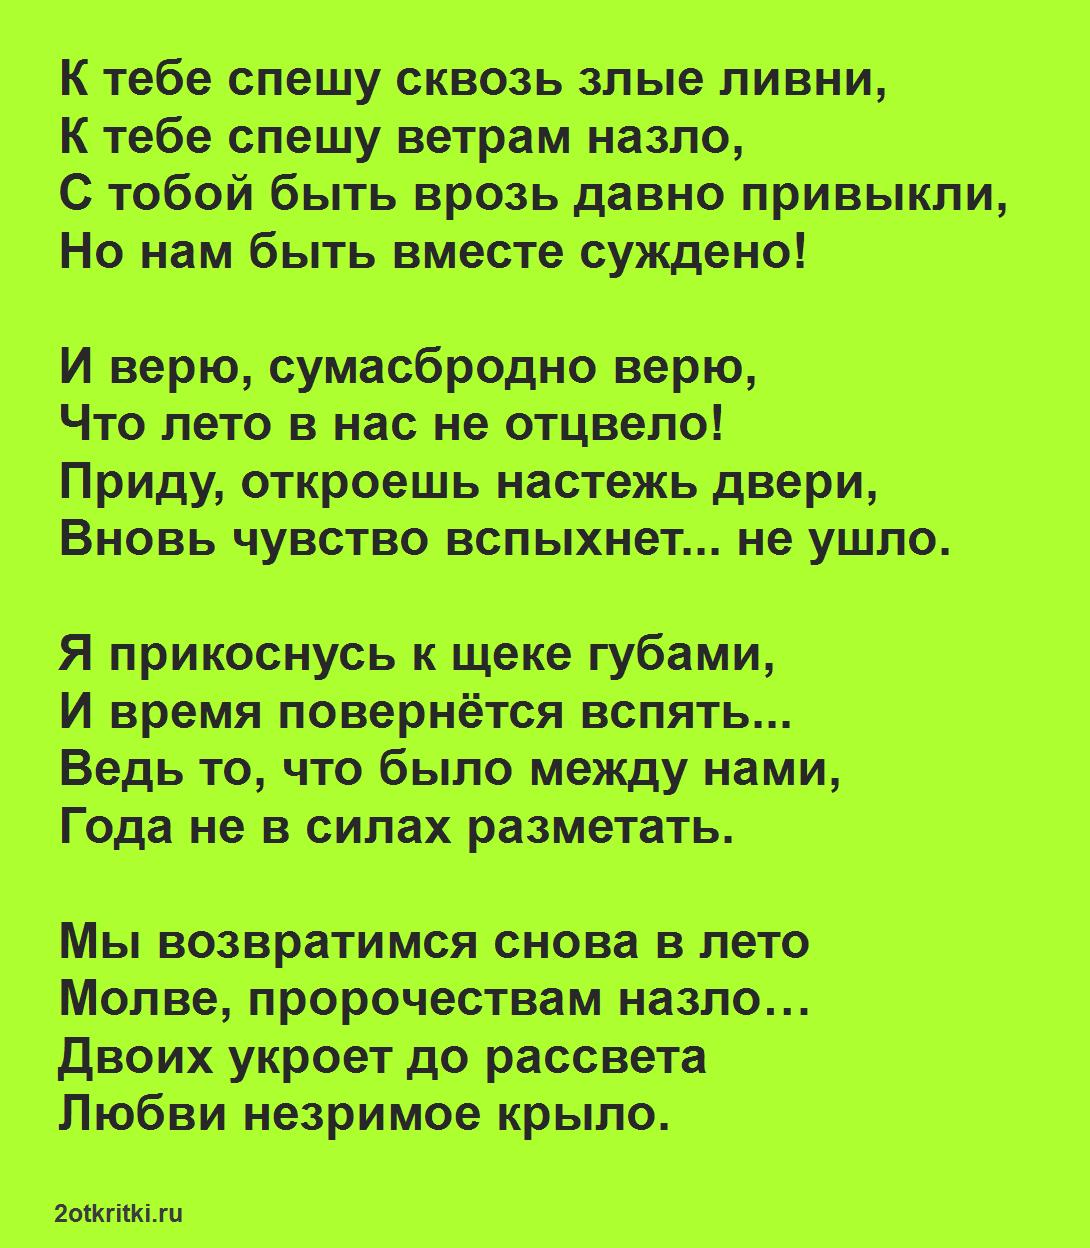 Каменская К тебе спешу - красивые стихи